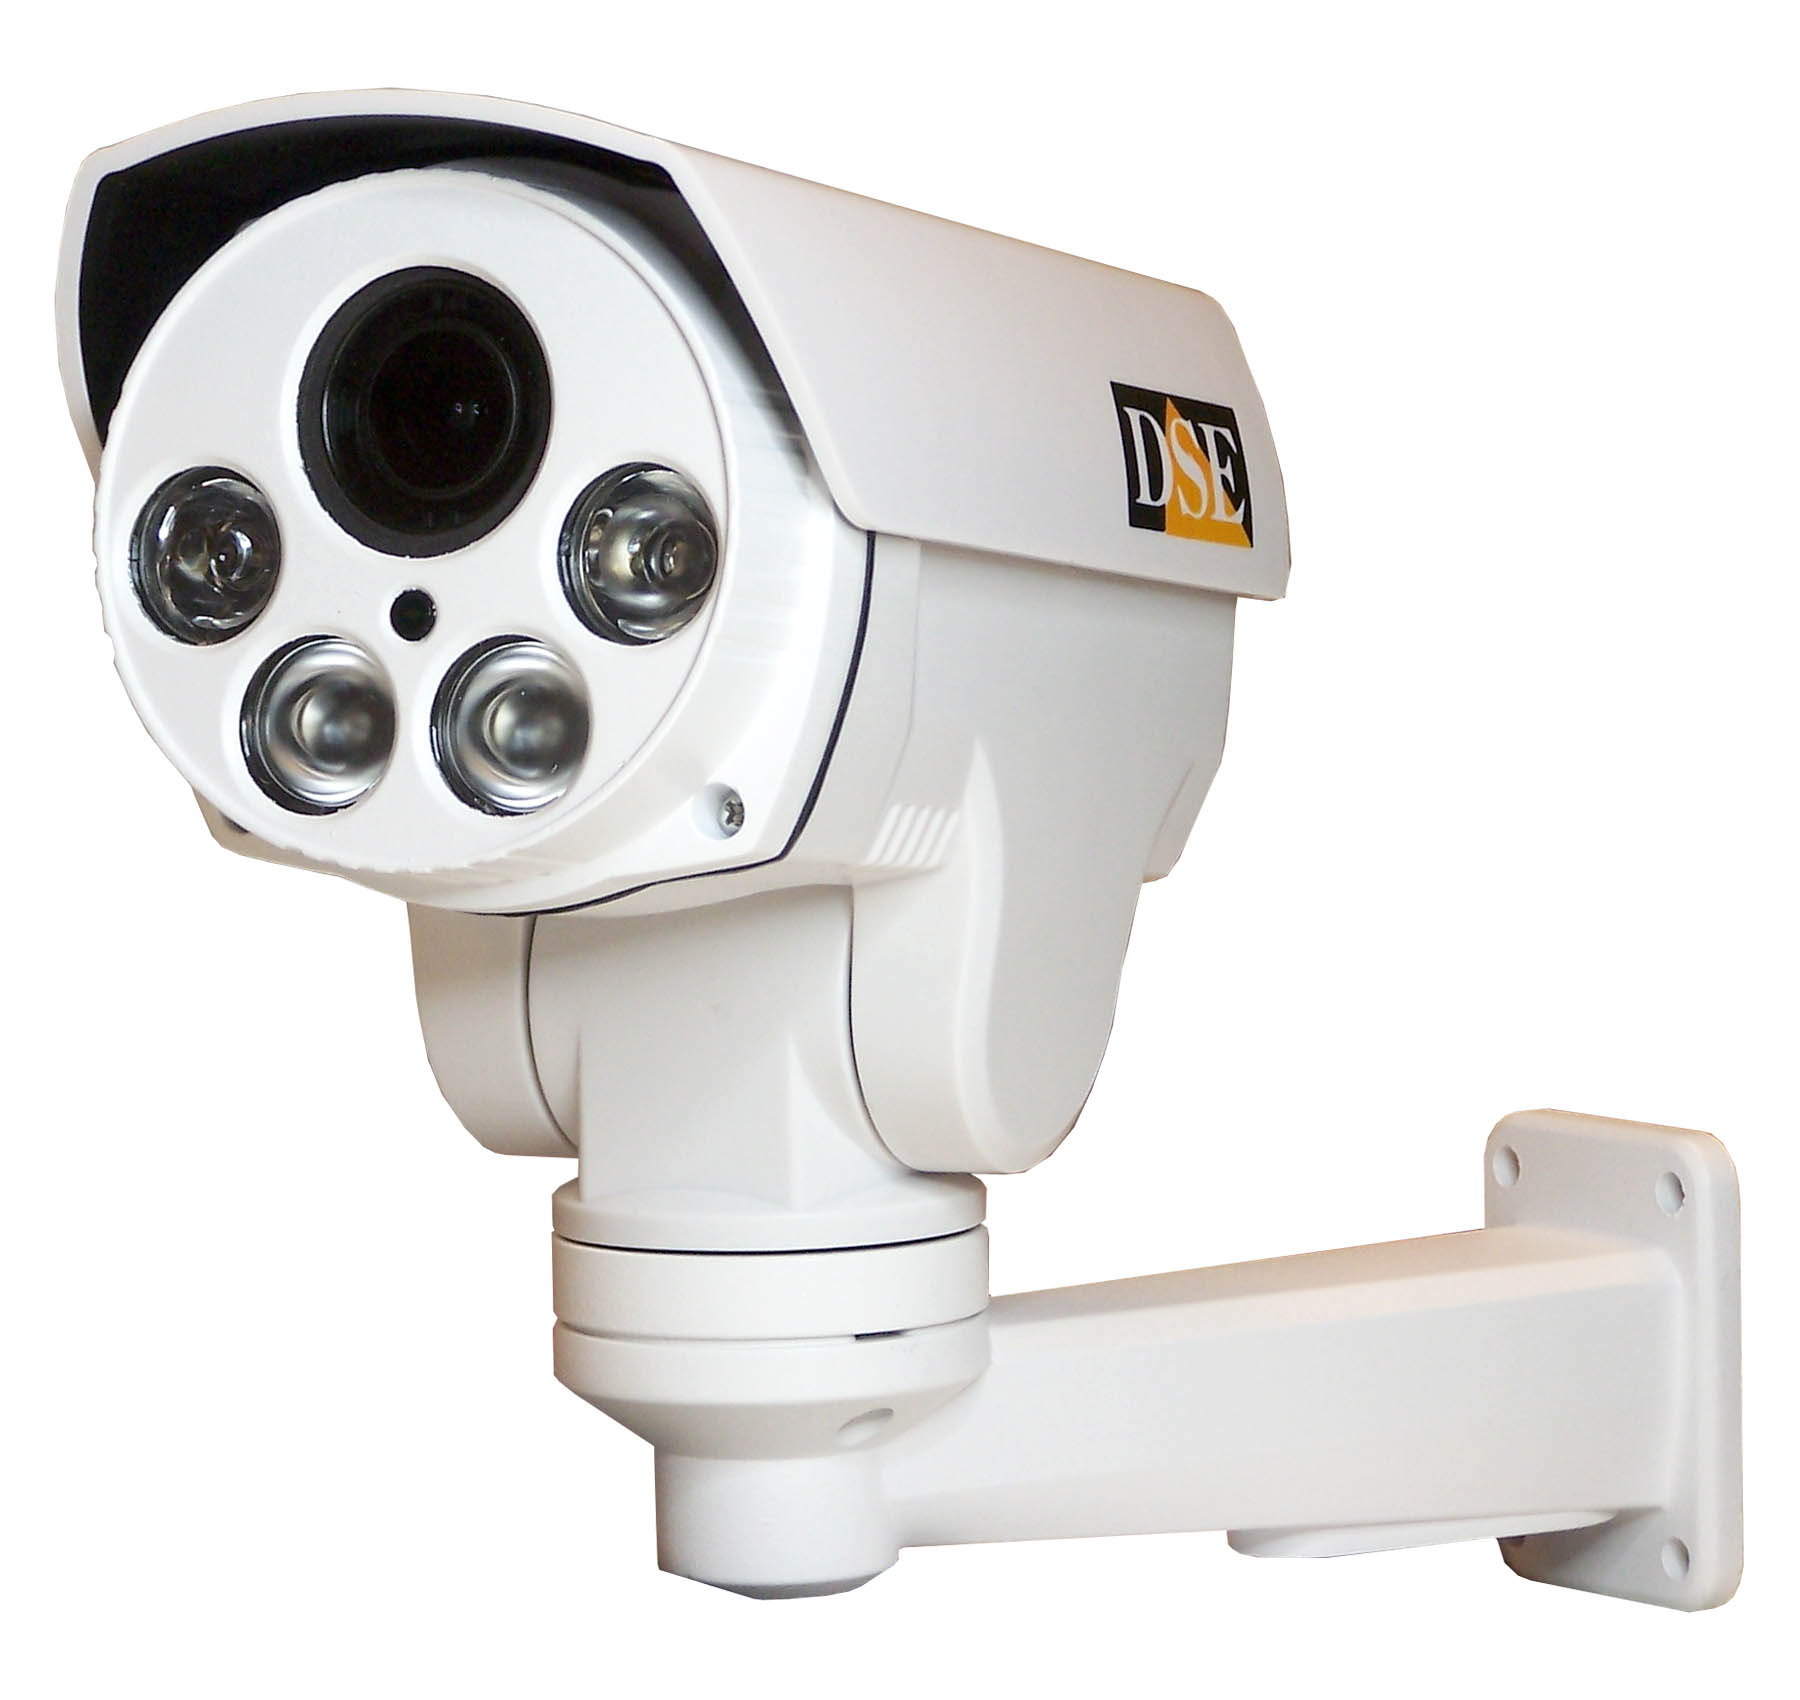 فروش دوربین مداربسته زوم دار با قیمت مناسب